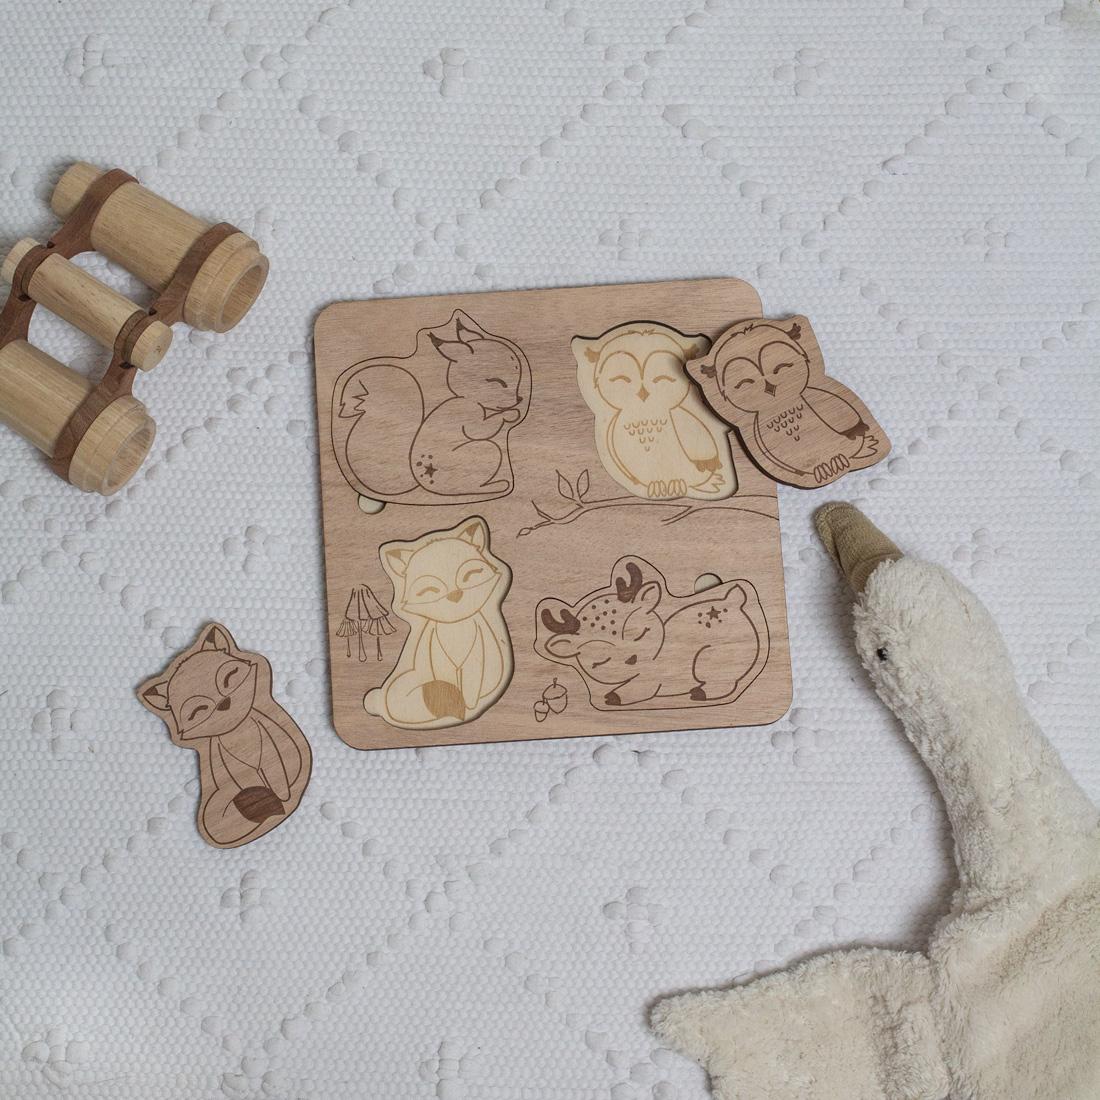 puzzle encastrement en bois pour enfant cadeau de noel animaux foret